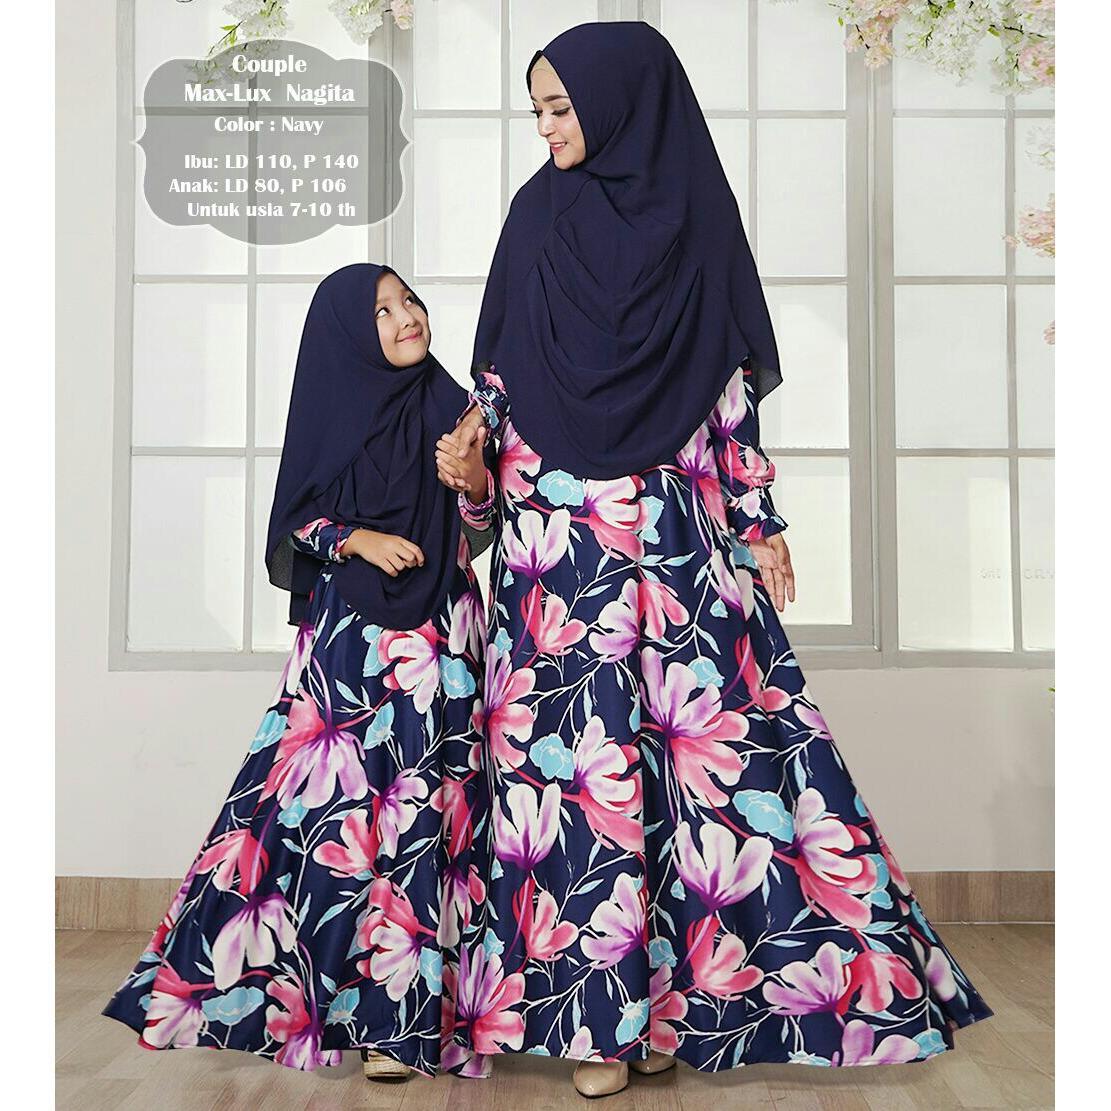 Pusat Jual Beli Humaira99 Gamis Syari Muslim Couple Ibu Anak Dress Hijab Muslimah Atasan Wanita Maxmara Lux Nagita Dki Jakarta